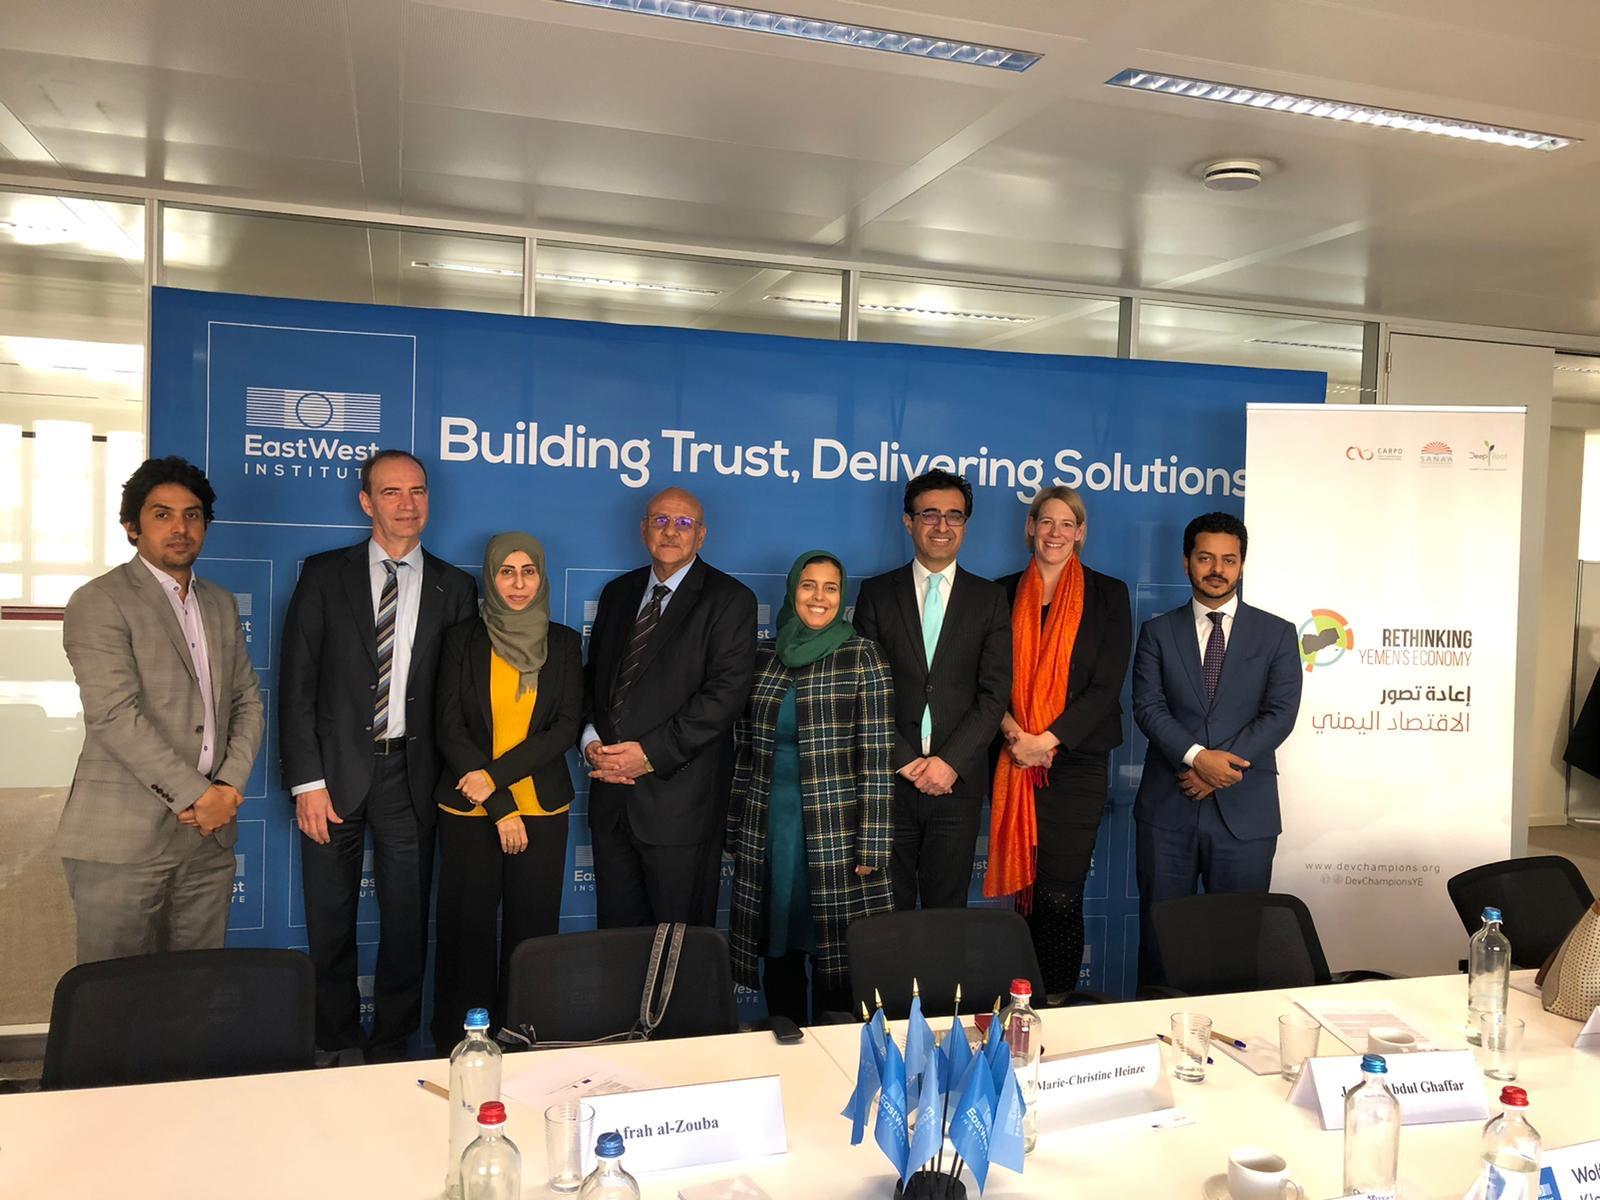 جلسات إحاطة سياسية في بروكسل